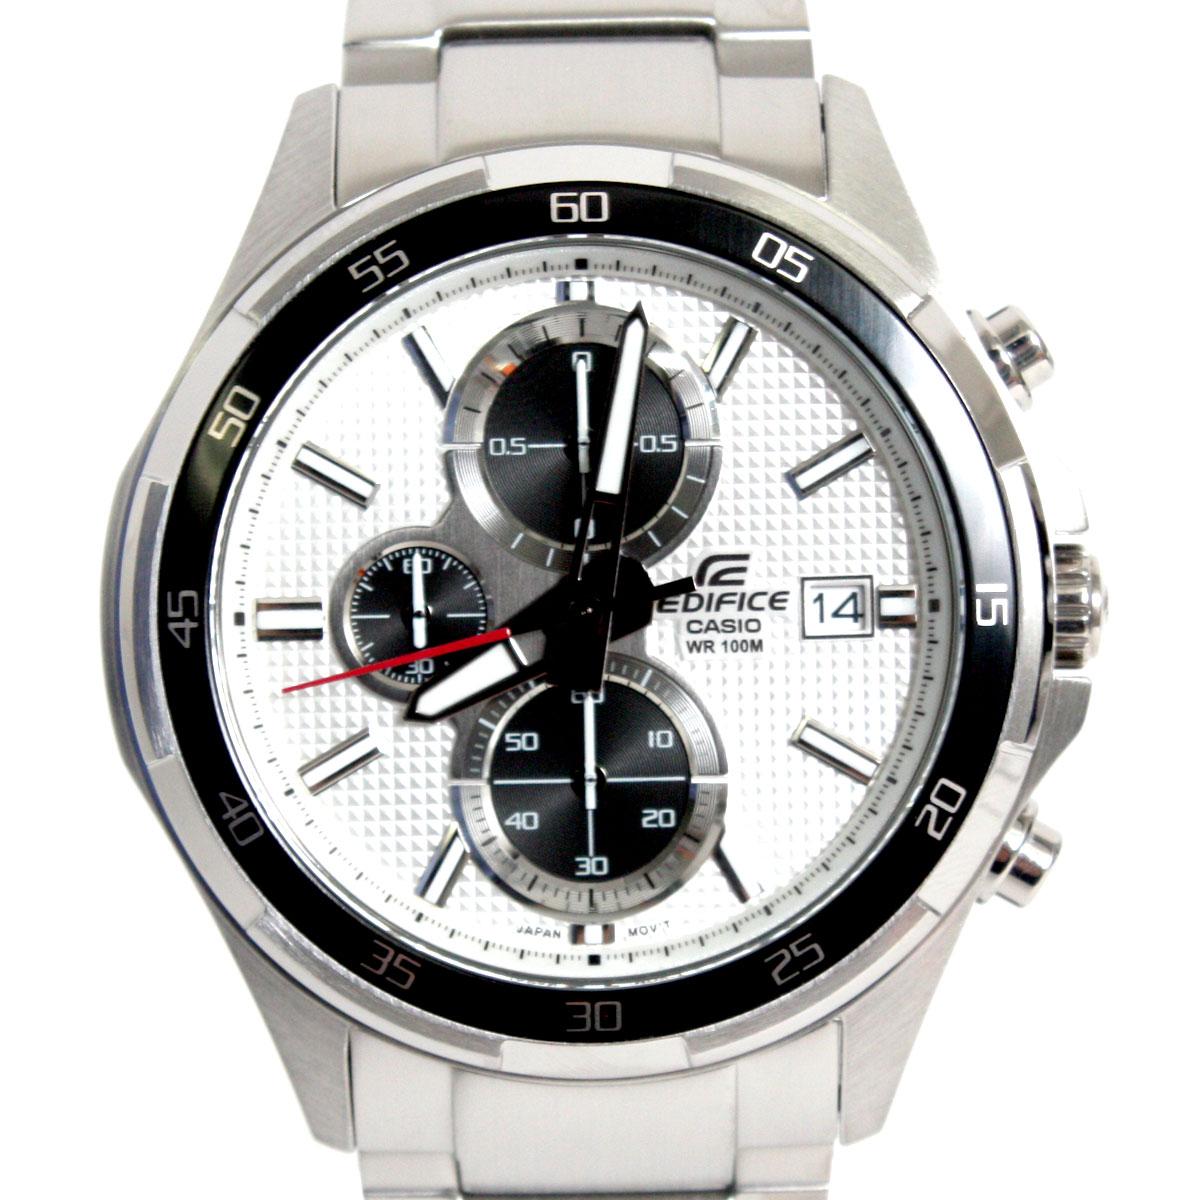 【送料無料】CASIO カシオ 腕時計 EFR-131D-7AVUDF EDIFICE エディフィス クロノグラフ ブラック/シルバー 海外モデル